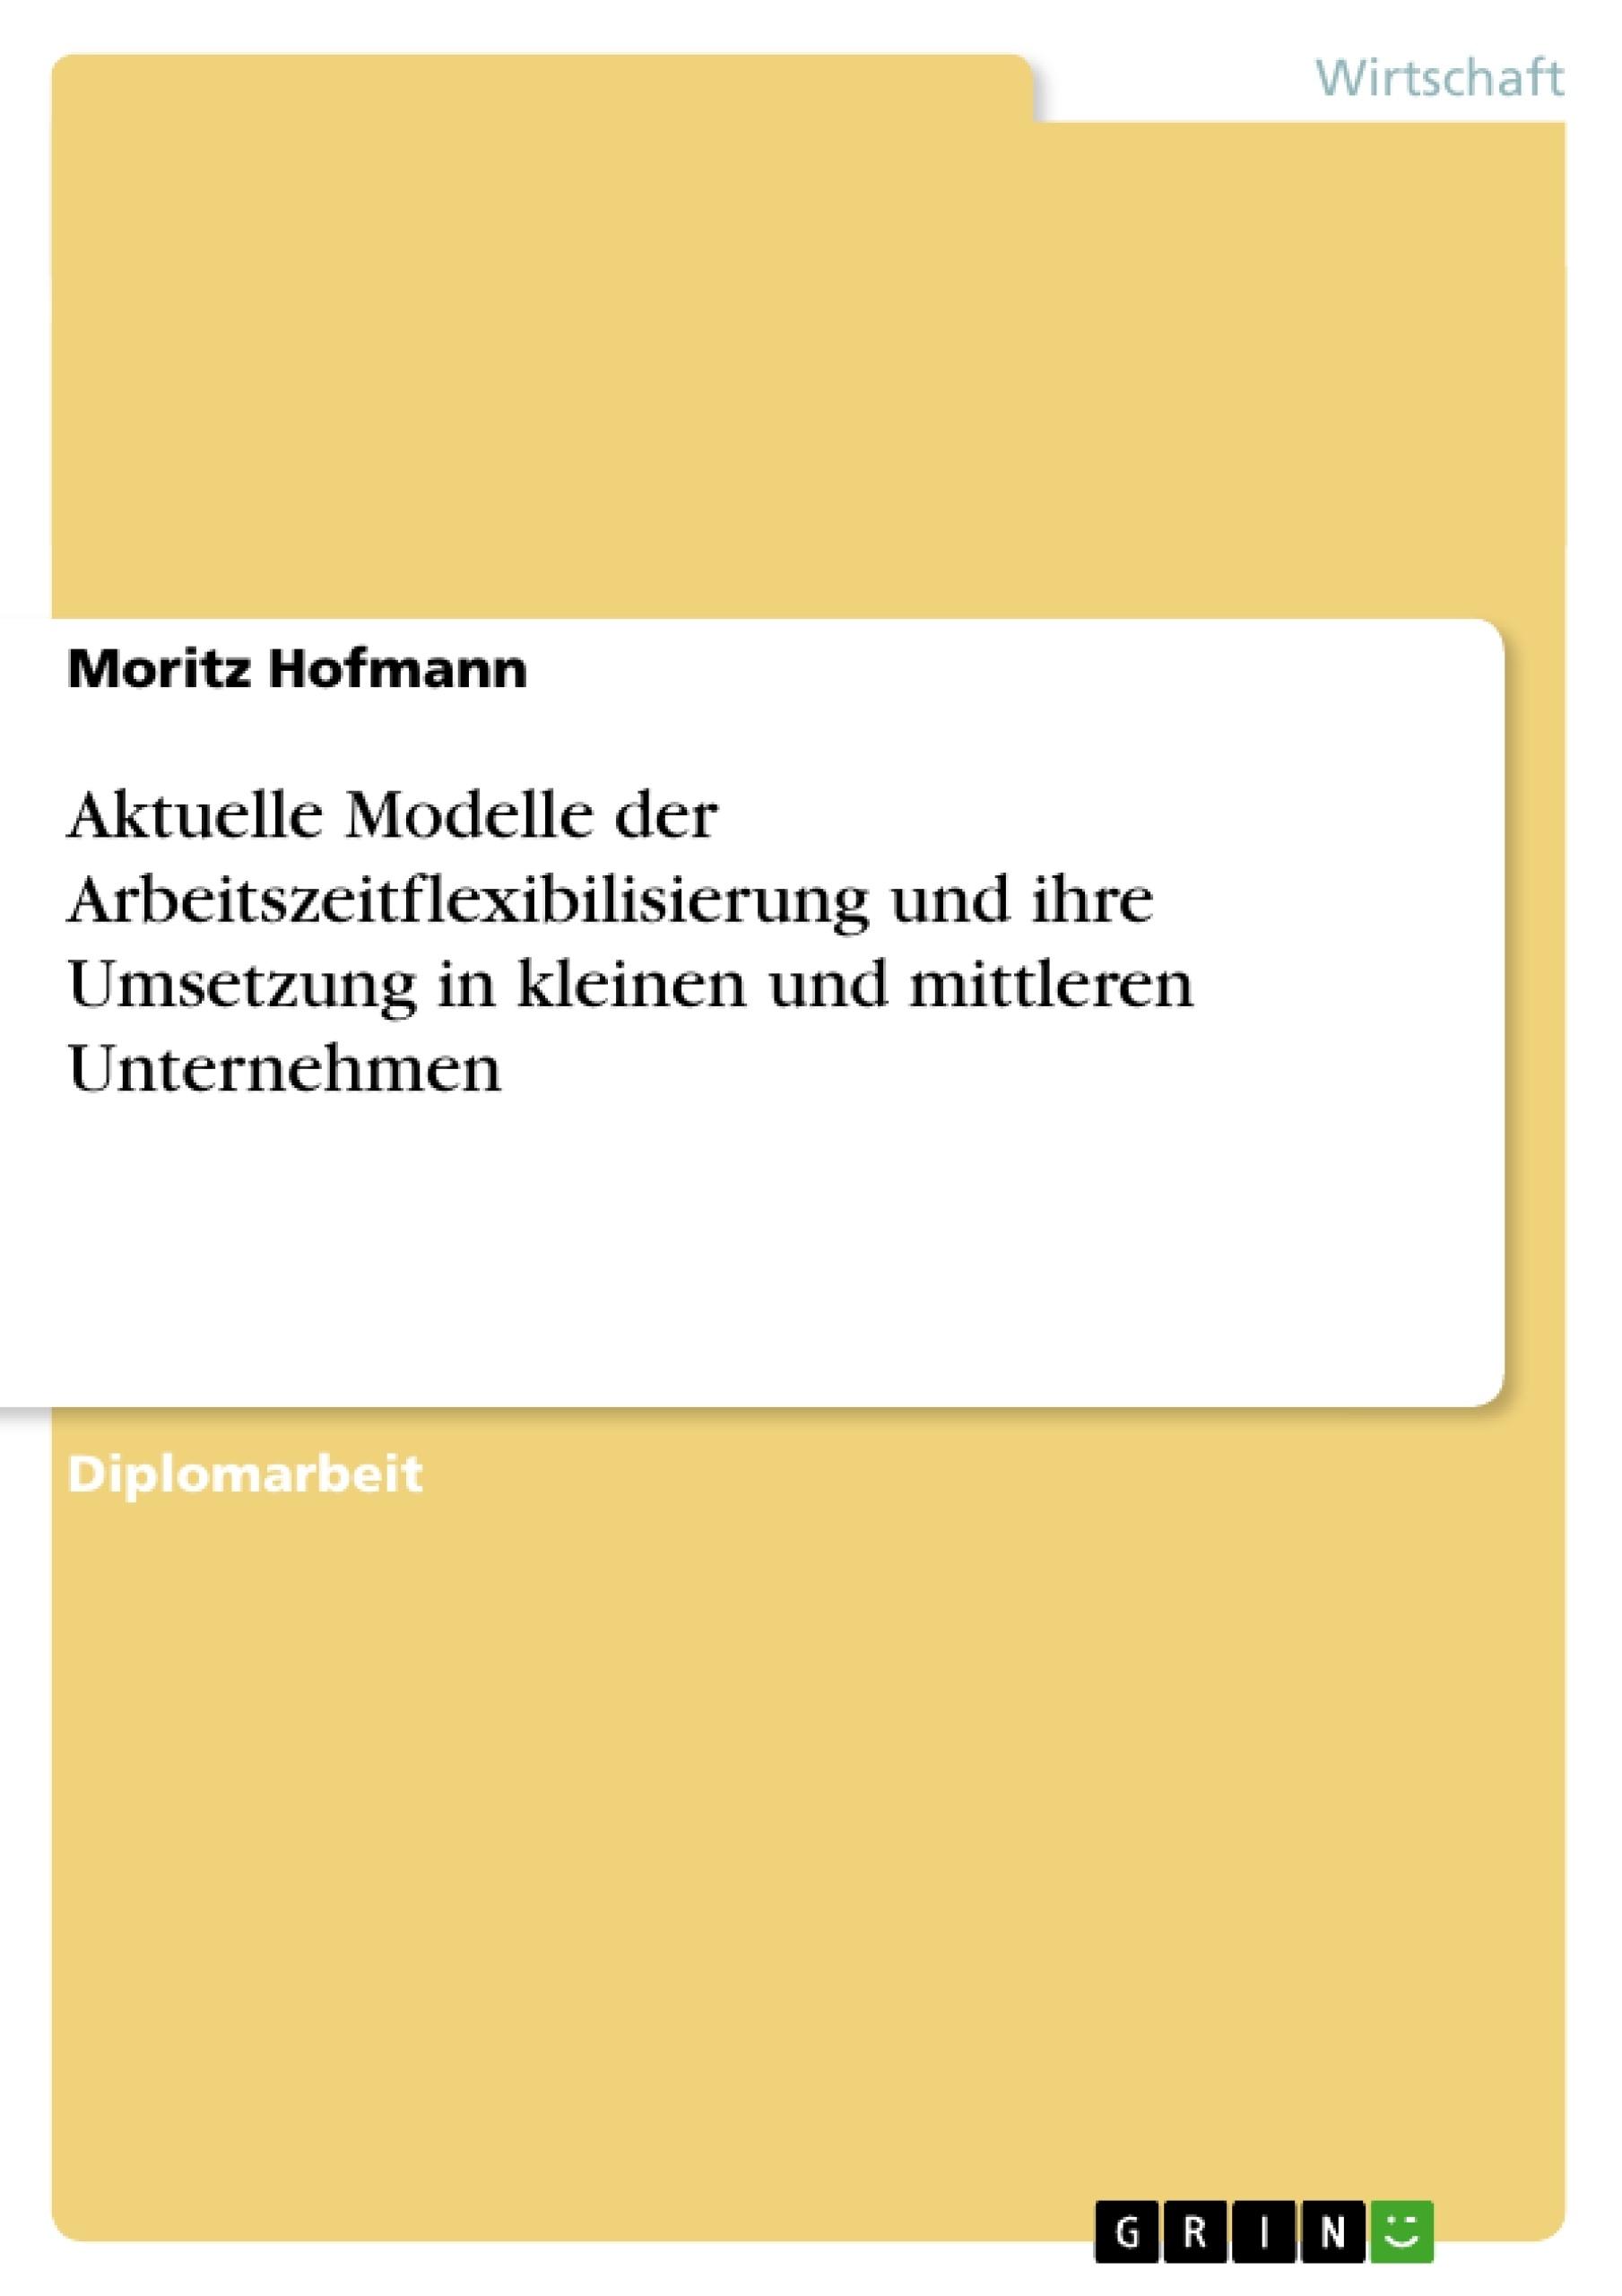 Titel: Aktuelle Modelle der Arbeitszeitflexibilisierung und ihre Umsetzung in kleinen und mittleren Unternehmen